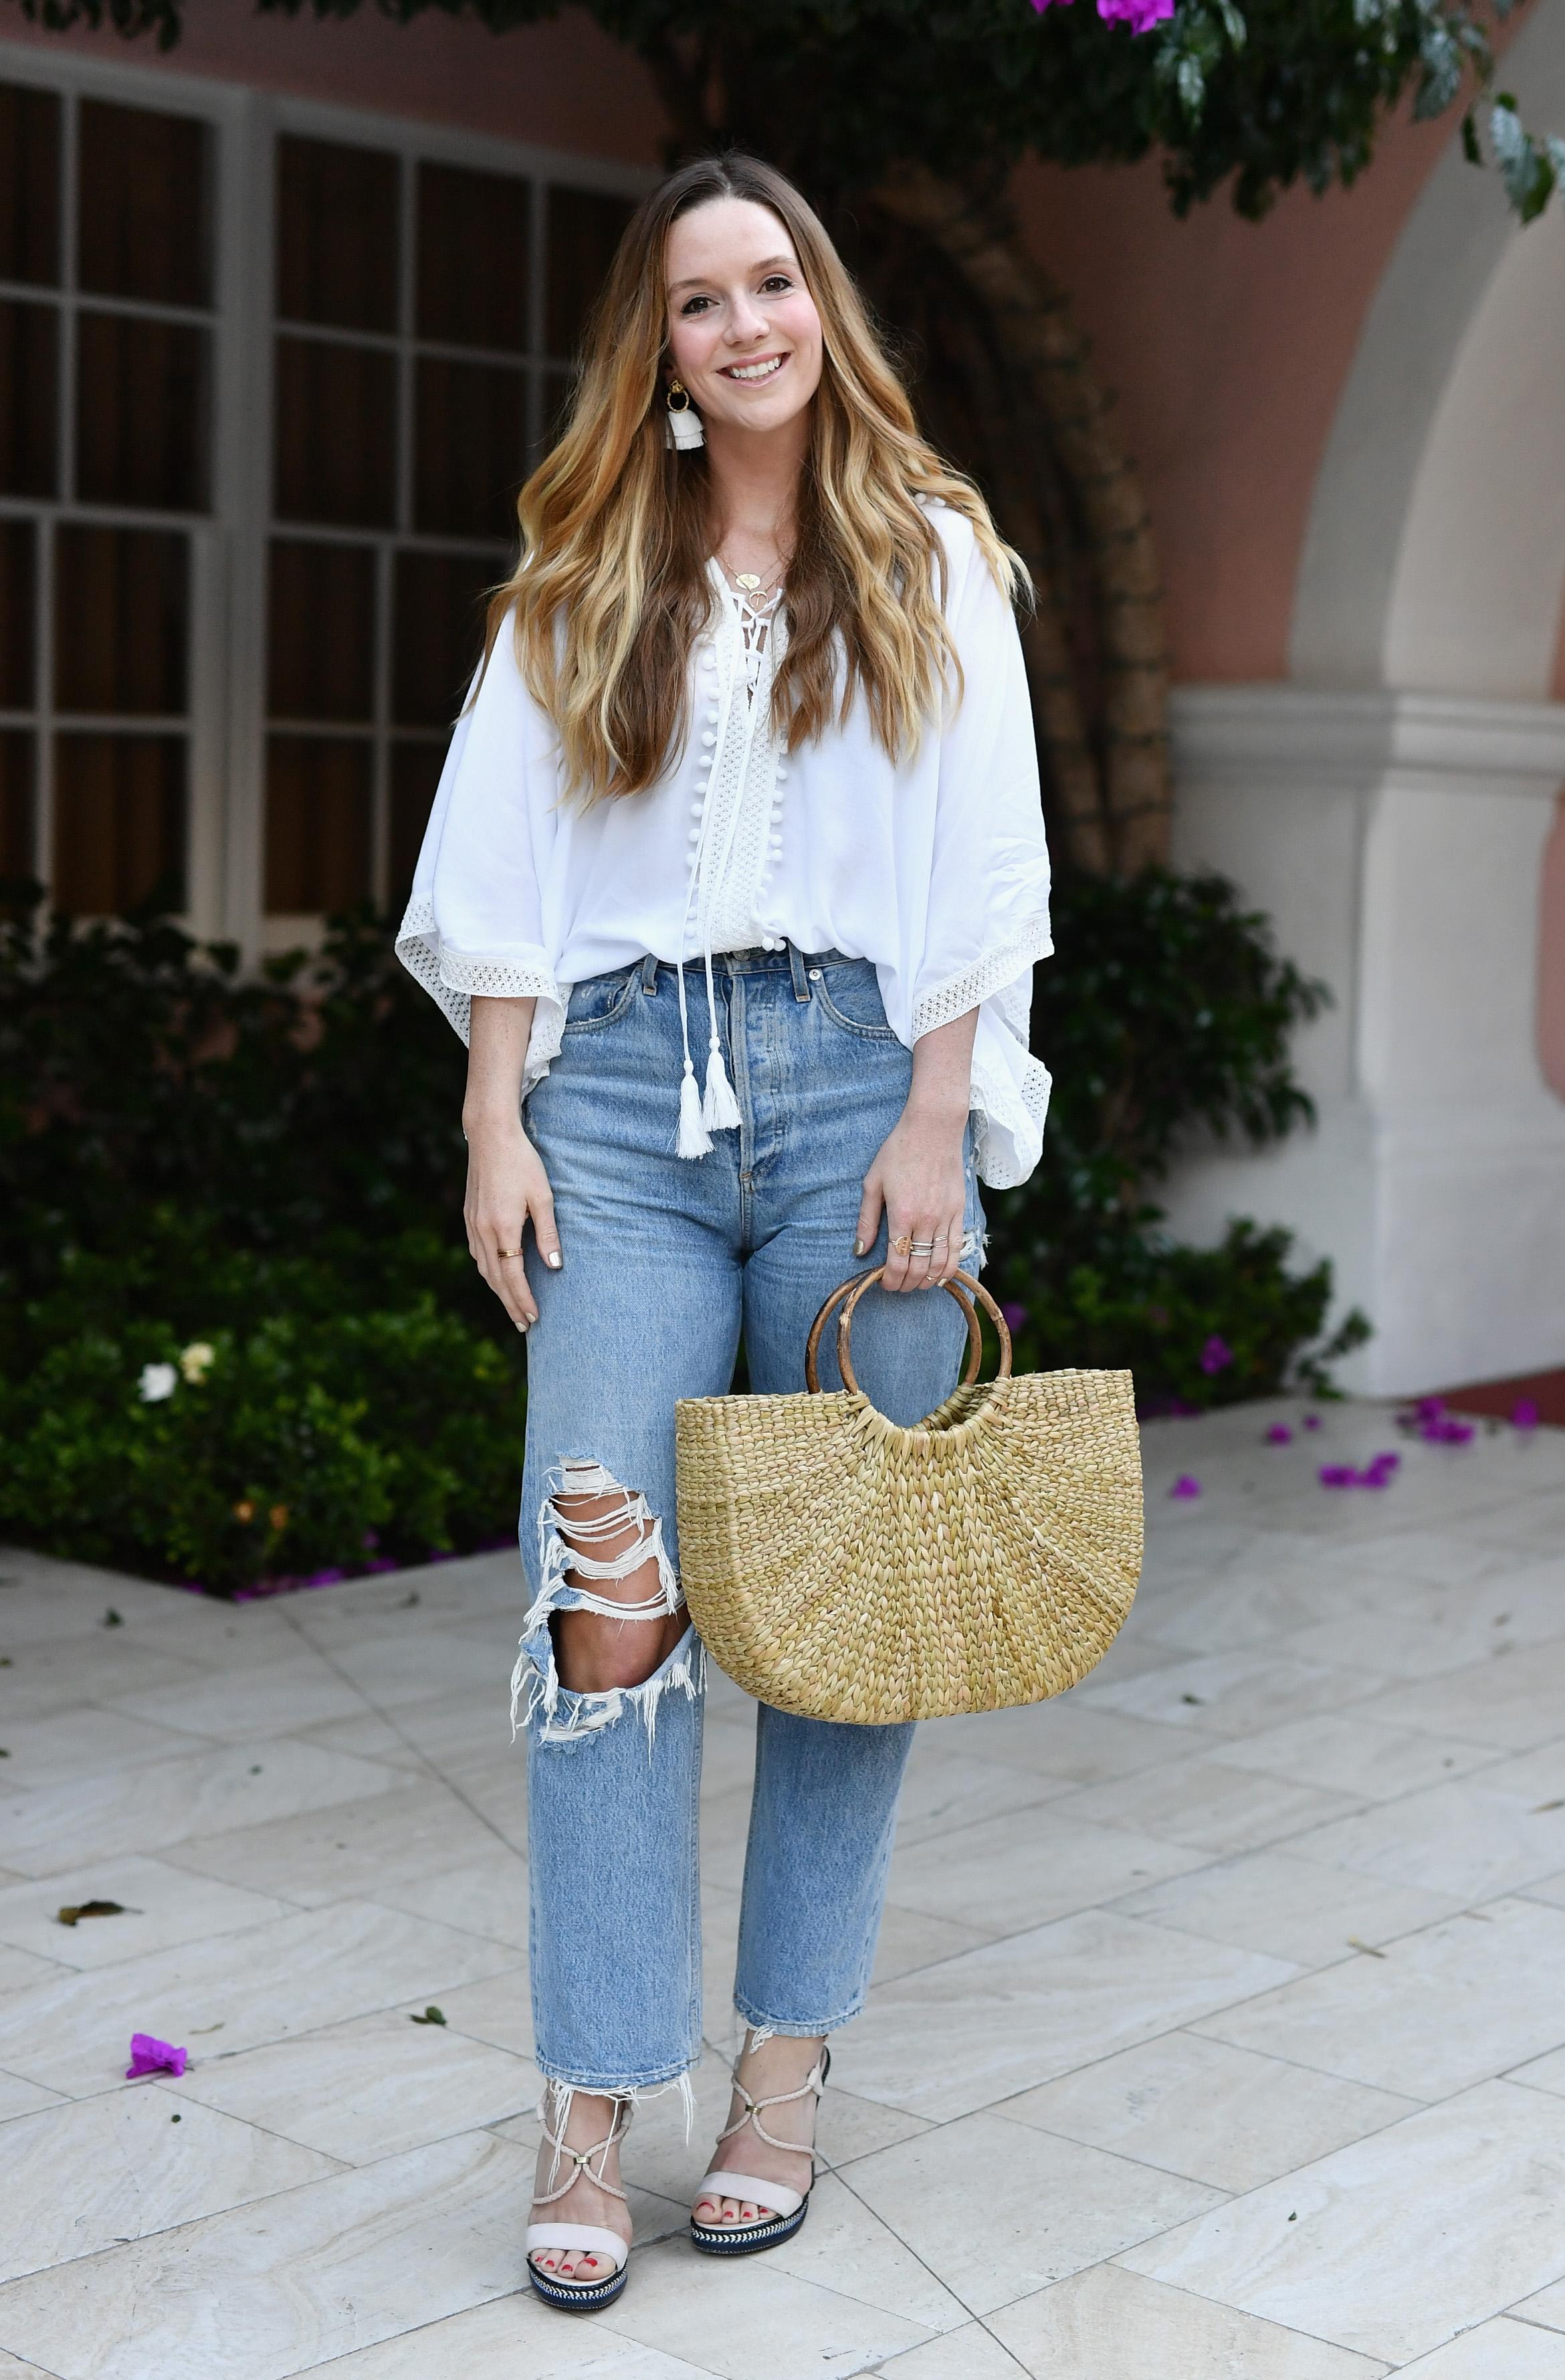 Korbtasche kombiniert mit Jeans